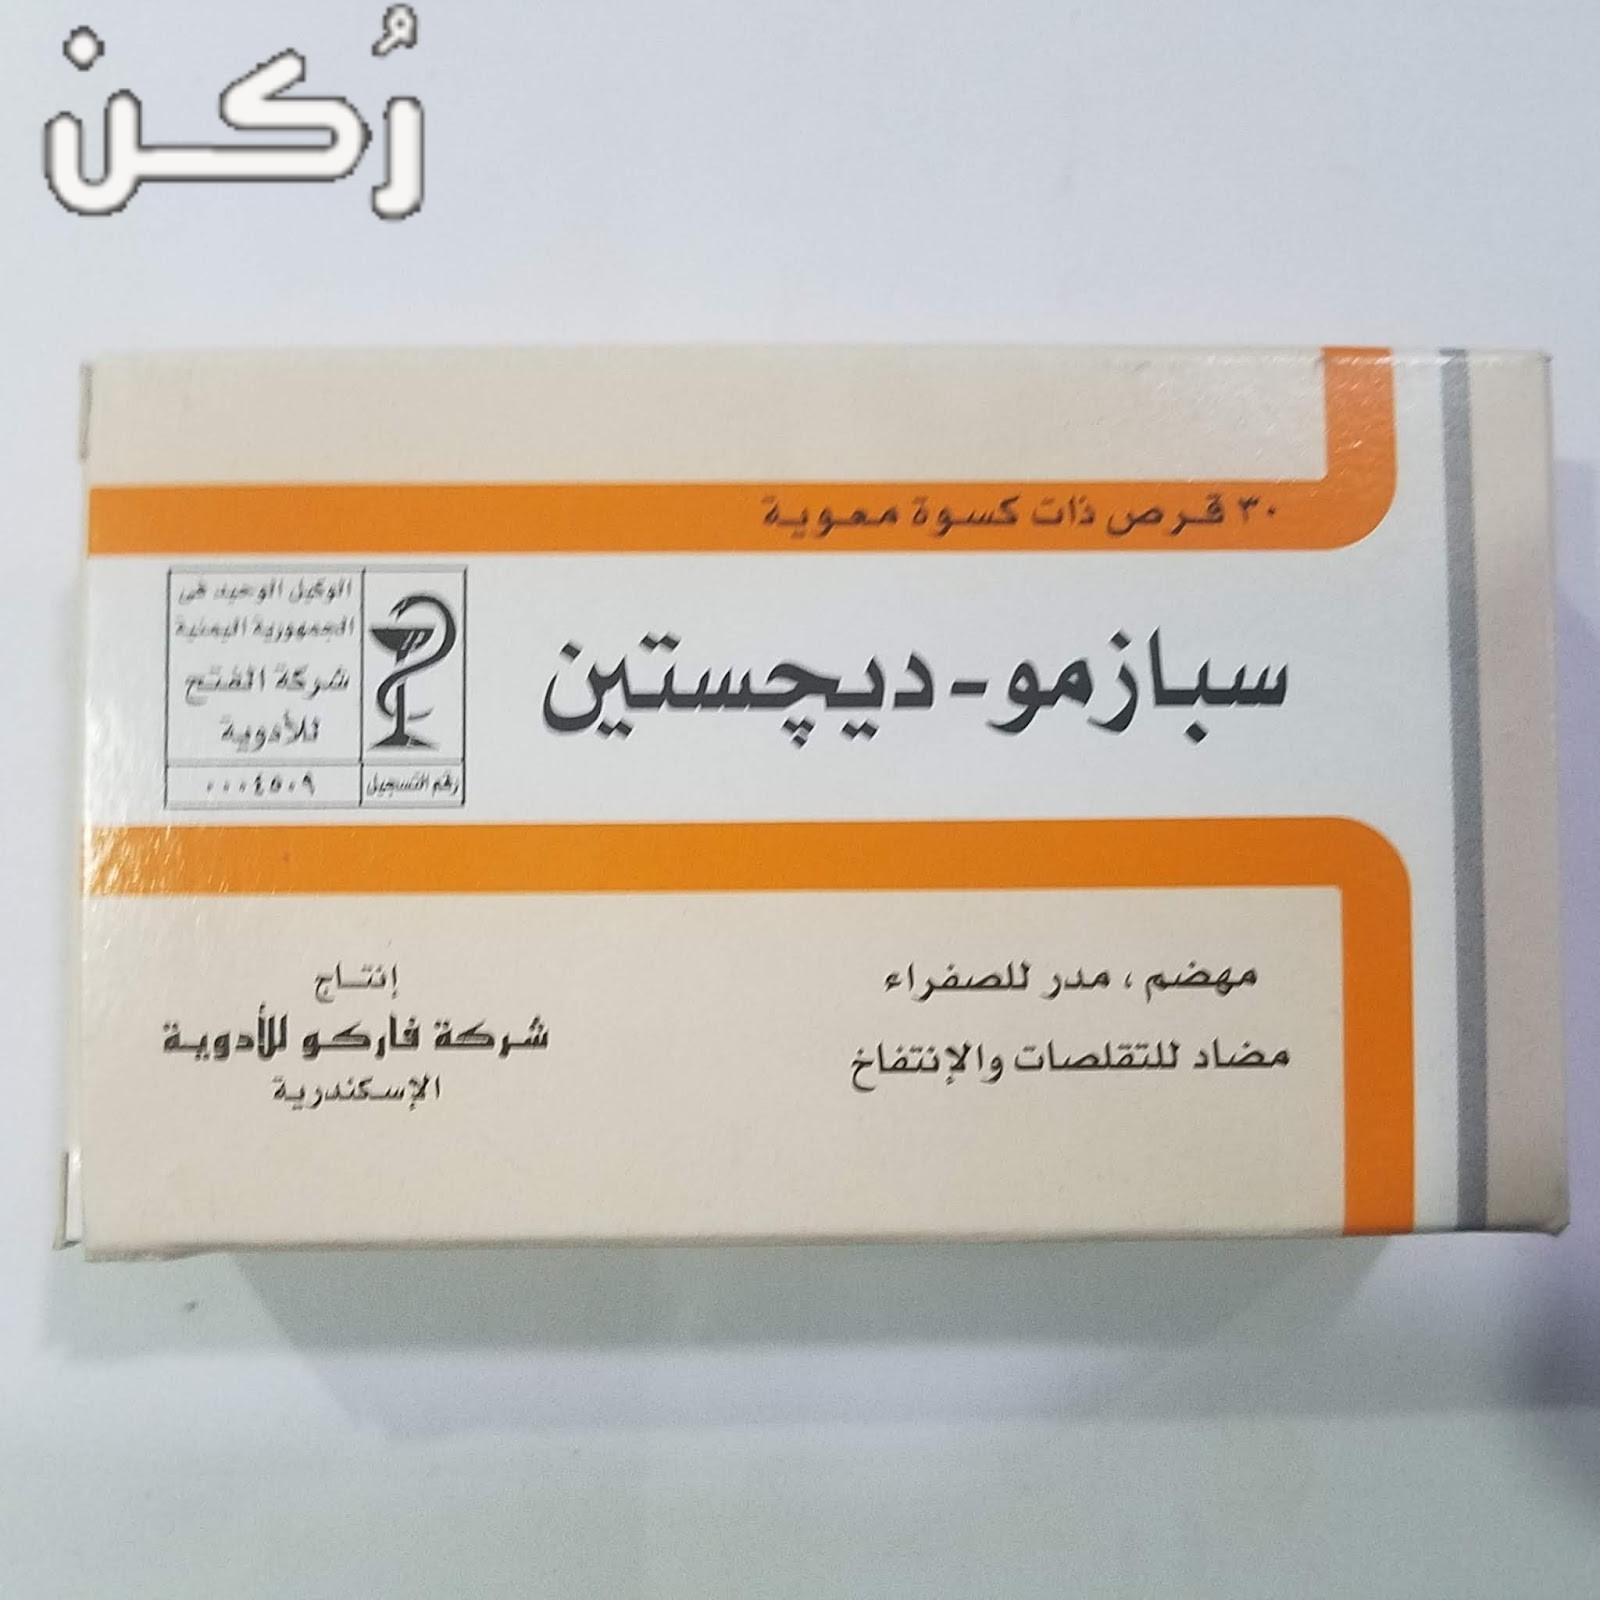 سبازمو ديجستين Spasmo Digestin اقراص علاج مشاكل المعدة